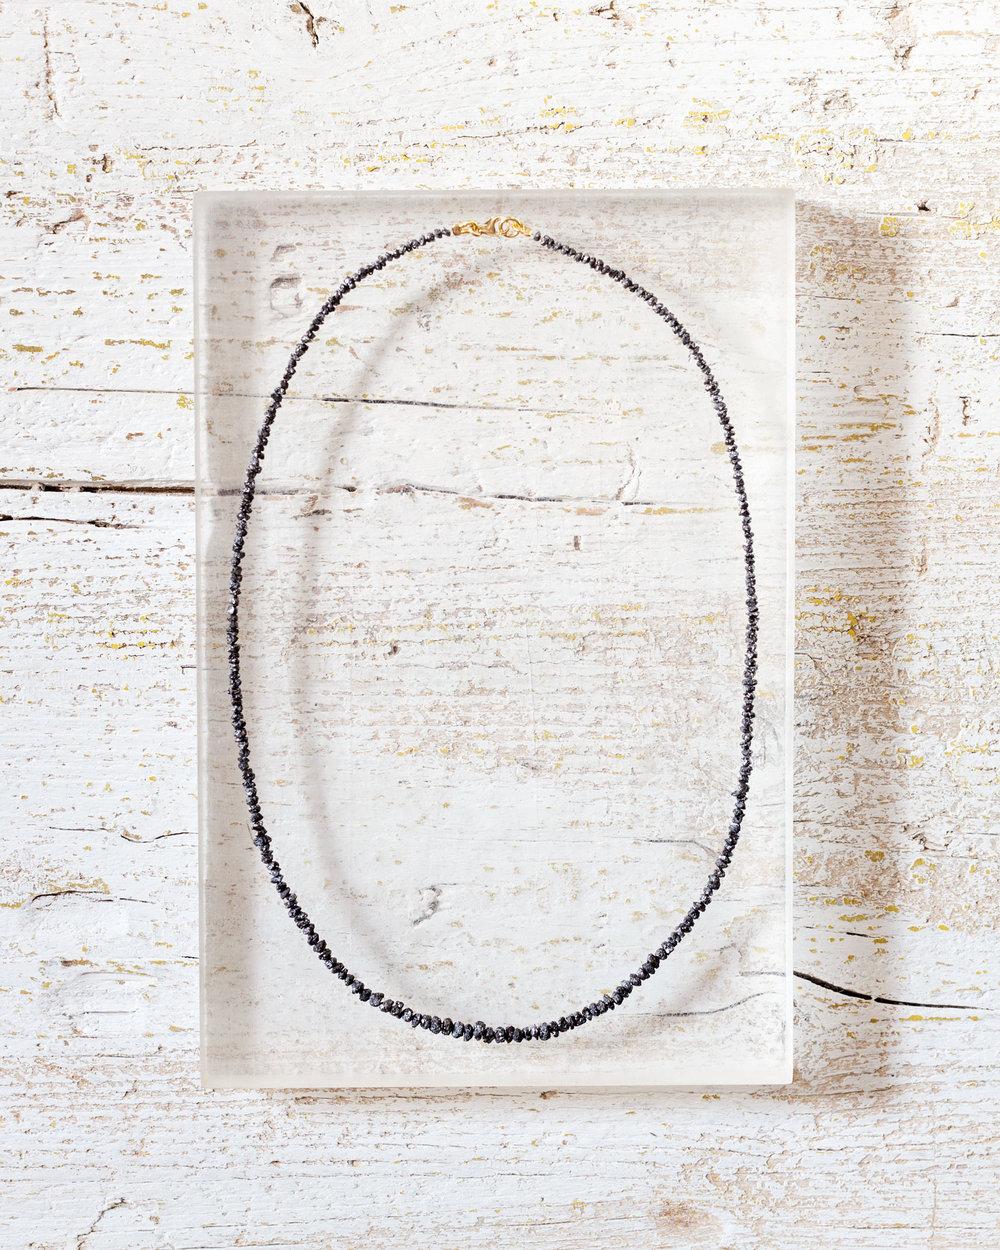 corina-landa-still-life-jewelry-joyeria-photography-marybola-2986.jpg